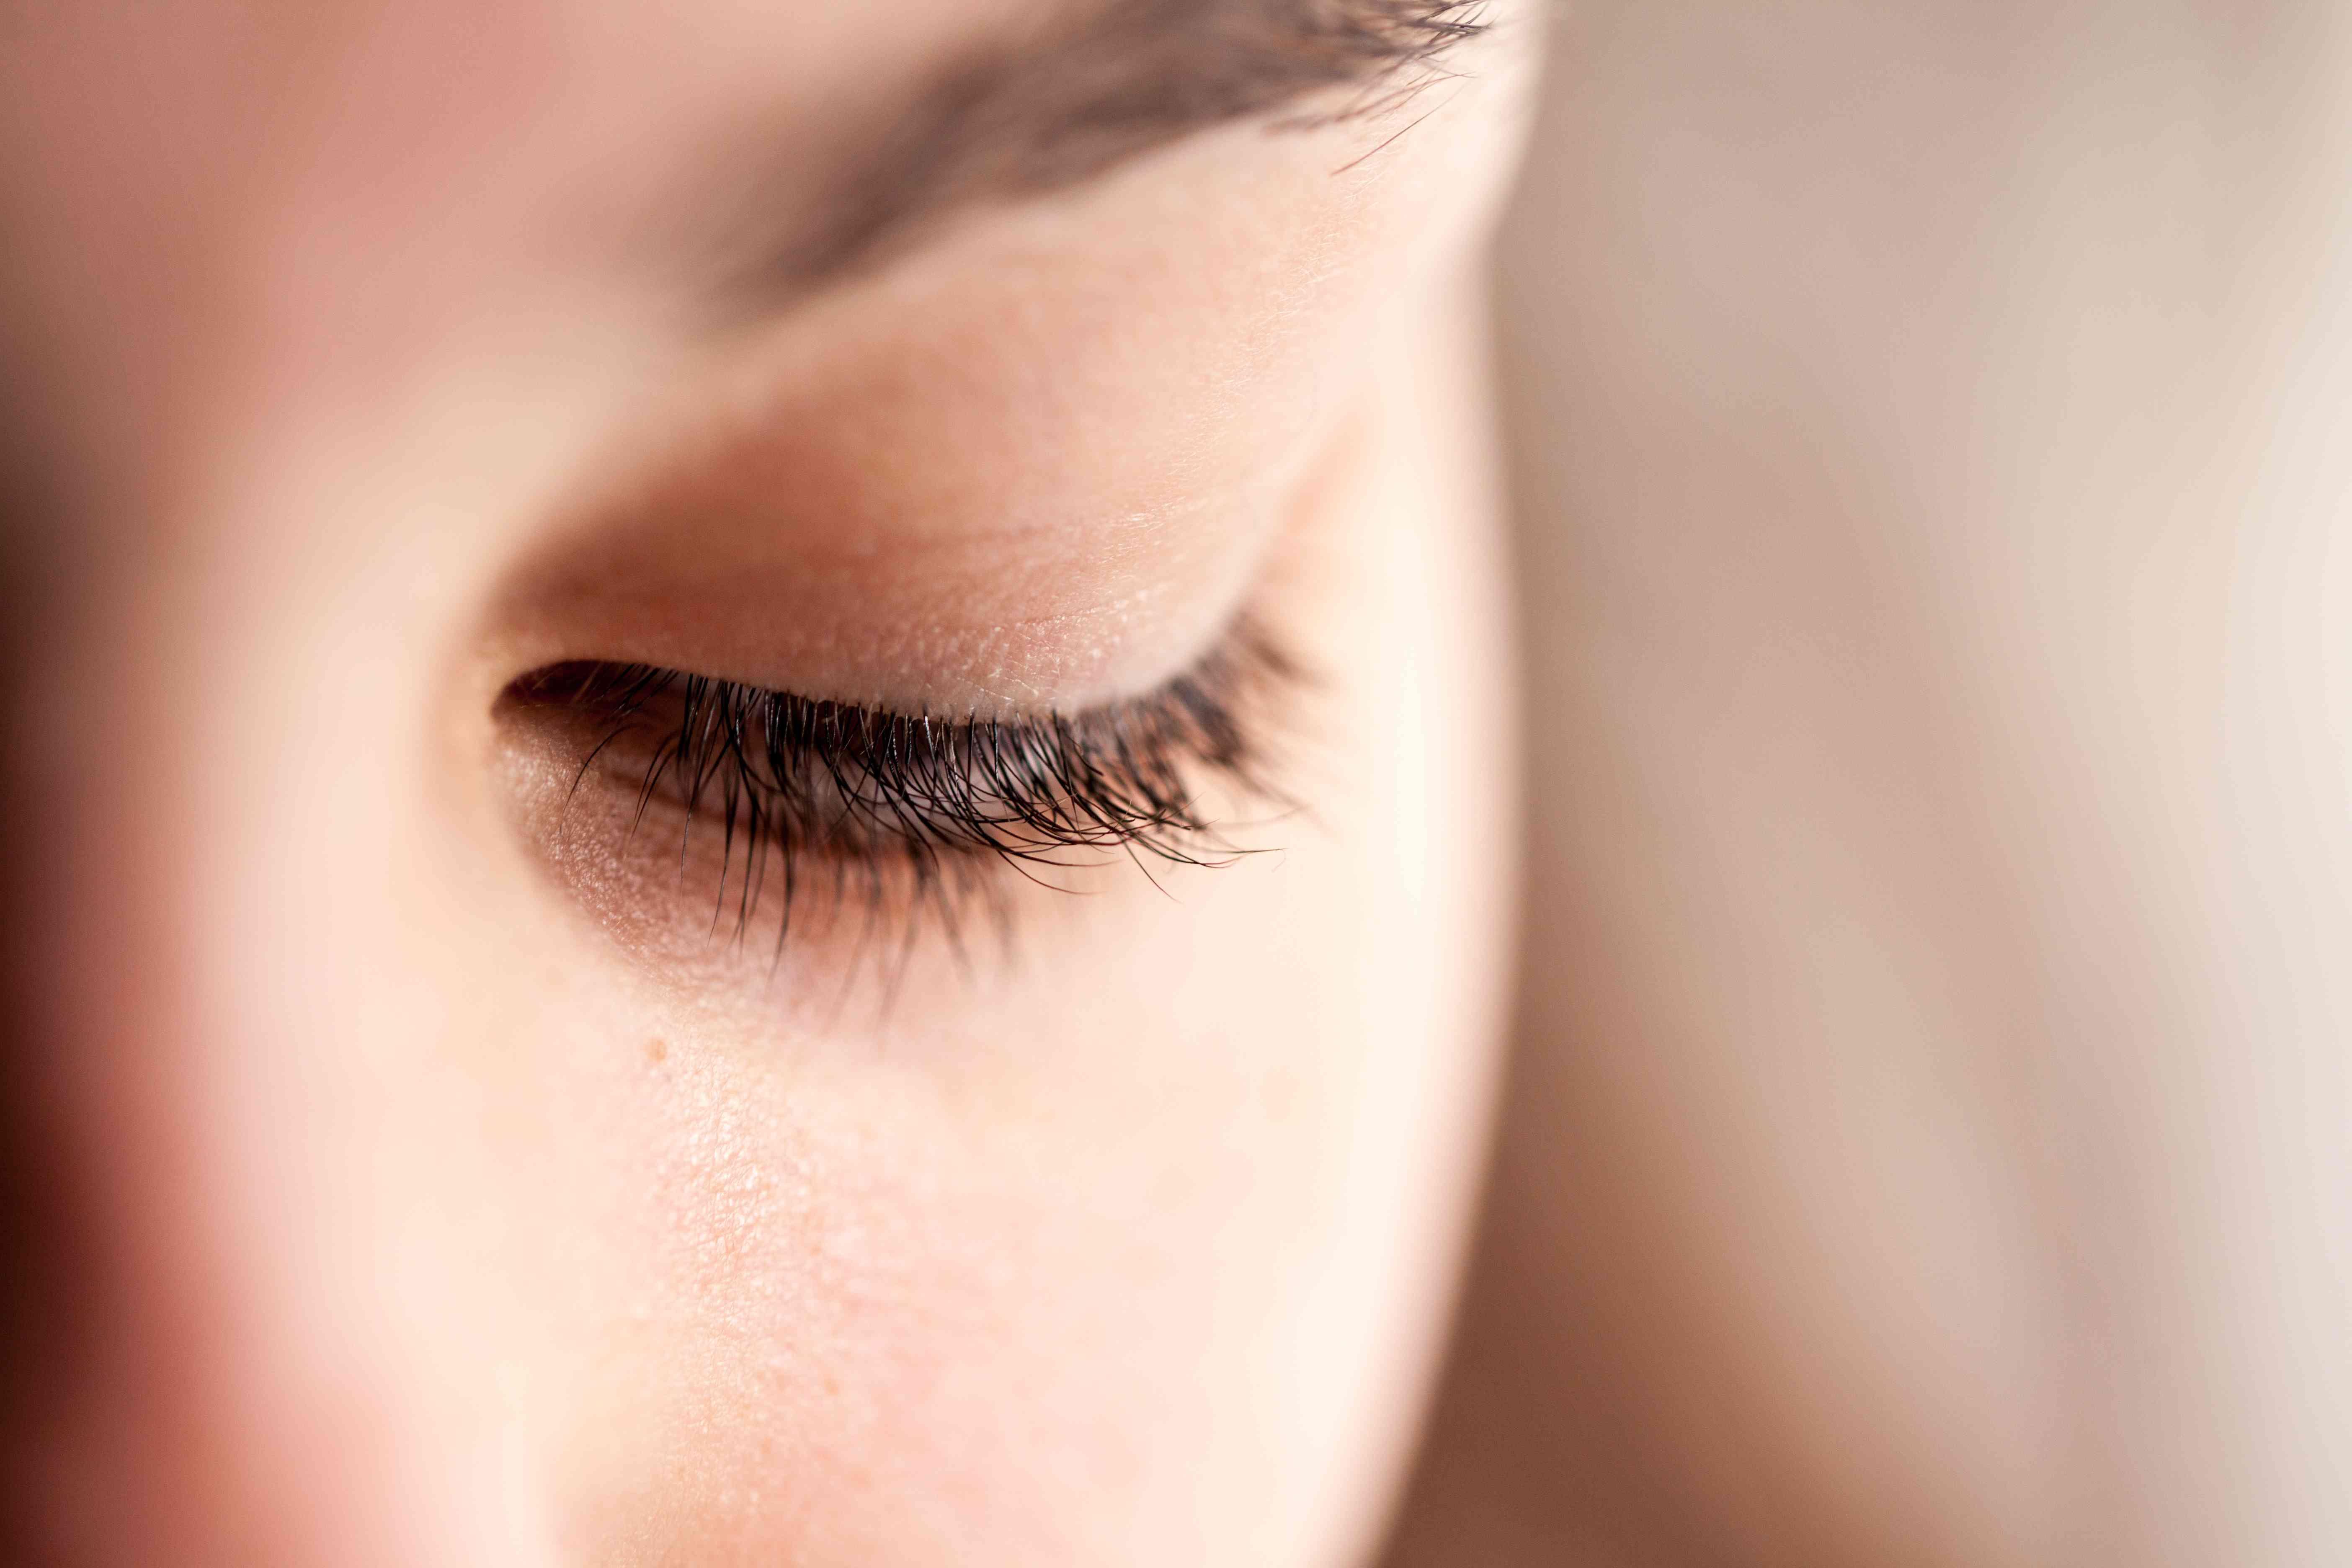 Eye, eyelid & eyelashes -details